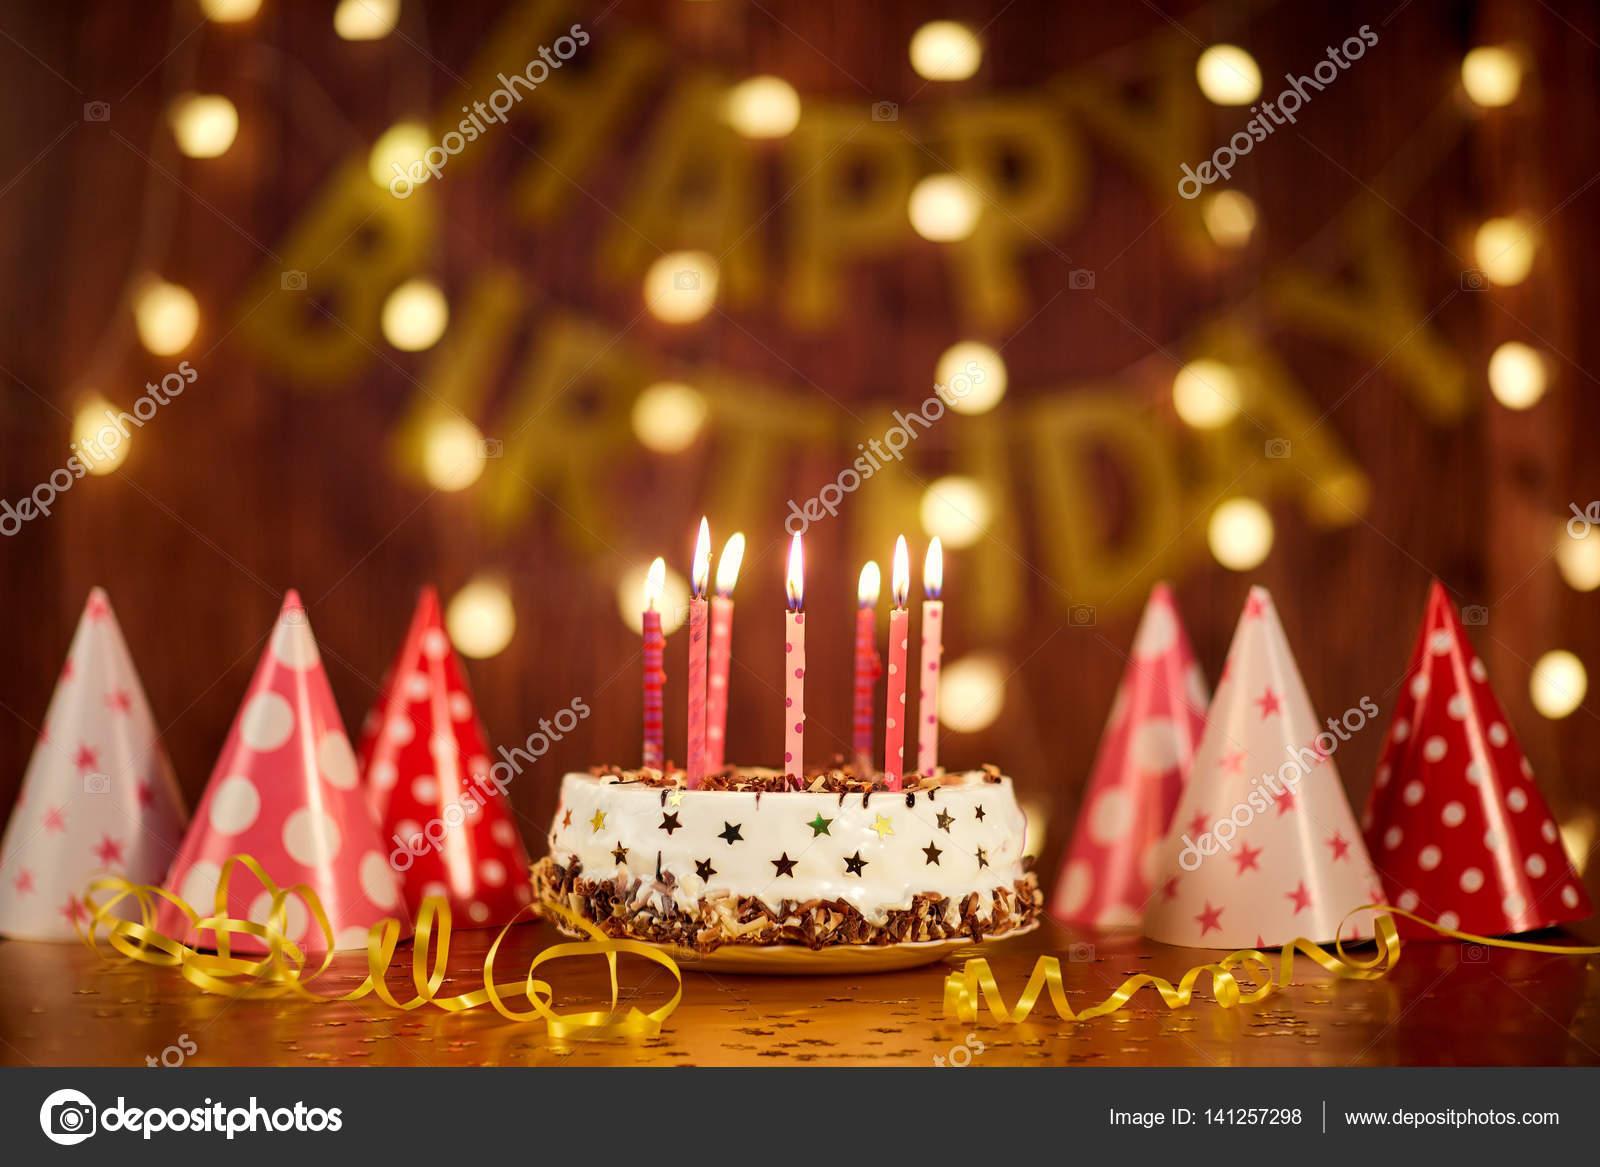 花輪のバック グラウンドをキャンドルで誕生日ケーキを ストック写真 169 Lacheev 141257298